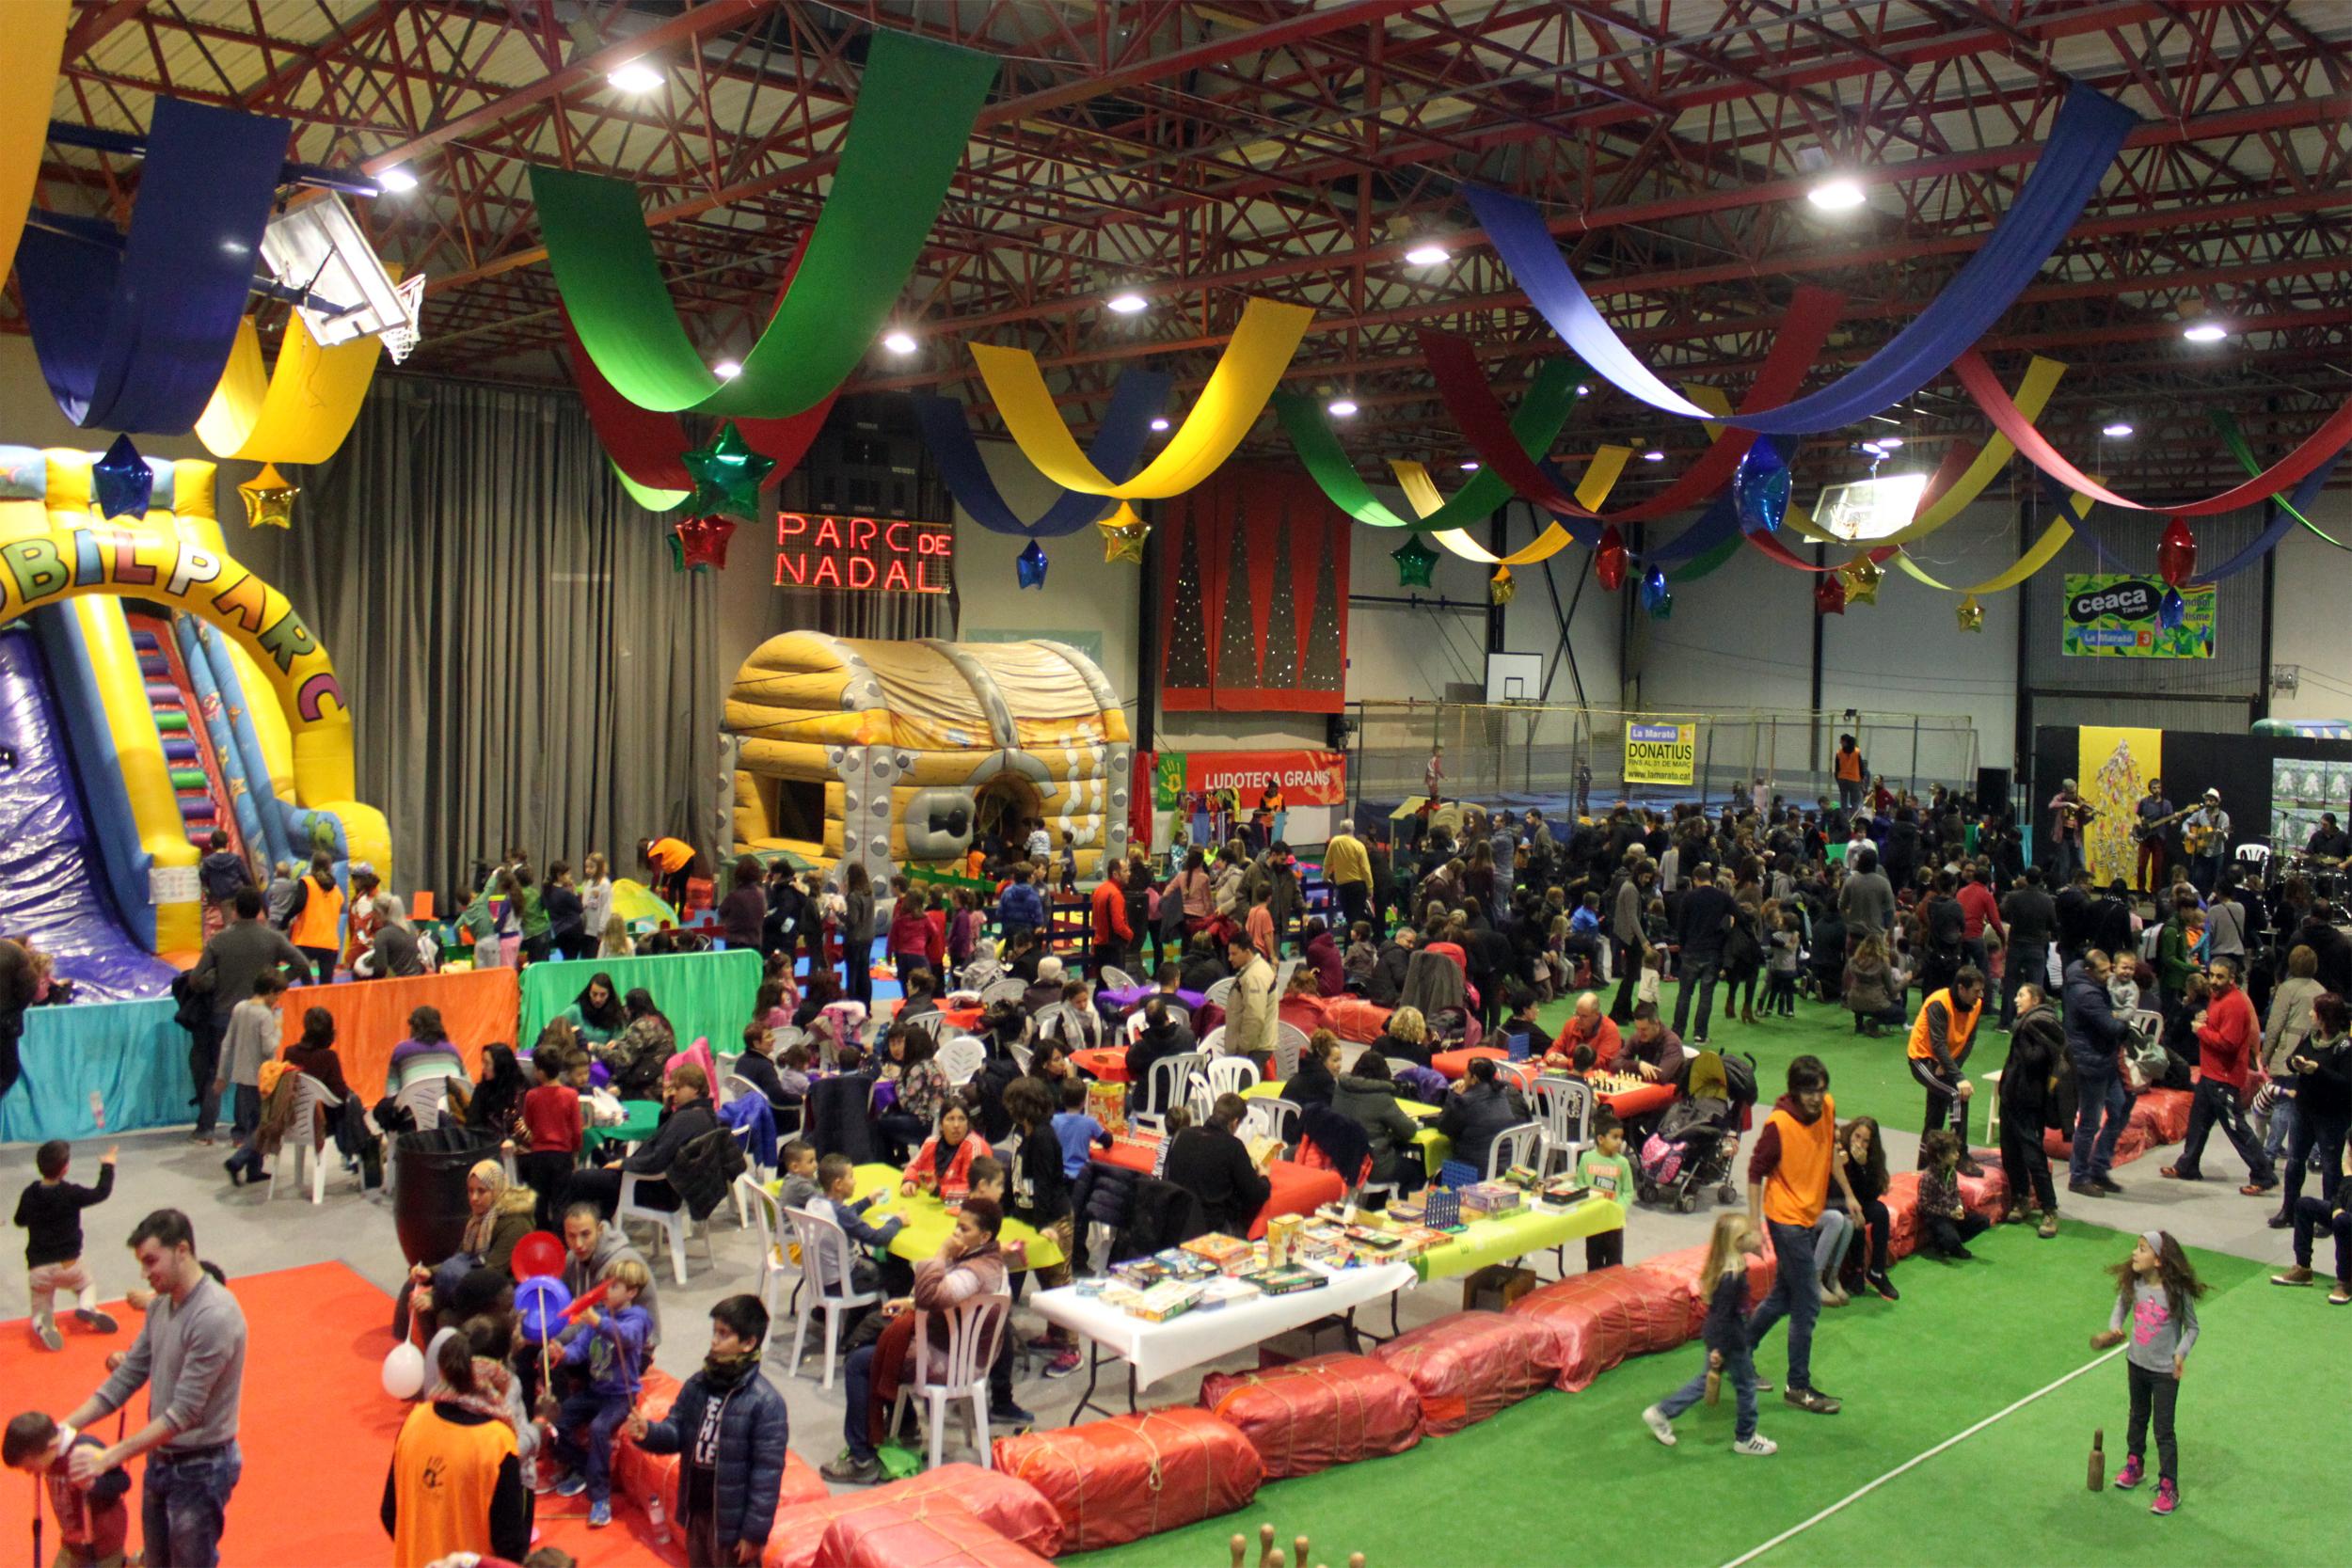 El 31è Parc de Nadal de Tàrrega rep 11.000 visitants i consolida amb èxit la seva ubicació al Pavelló Municipal d'Esports